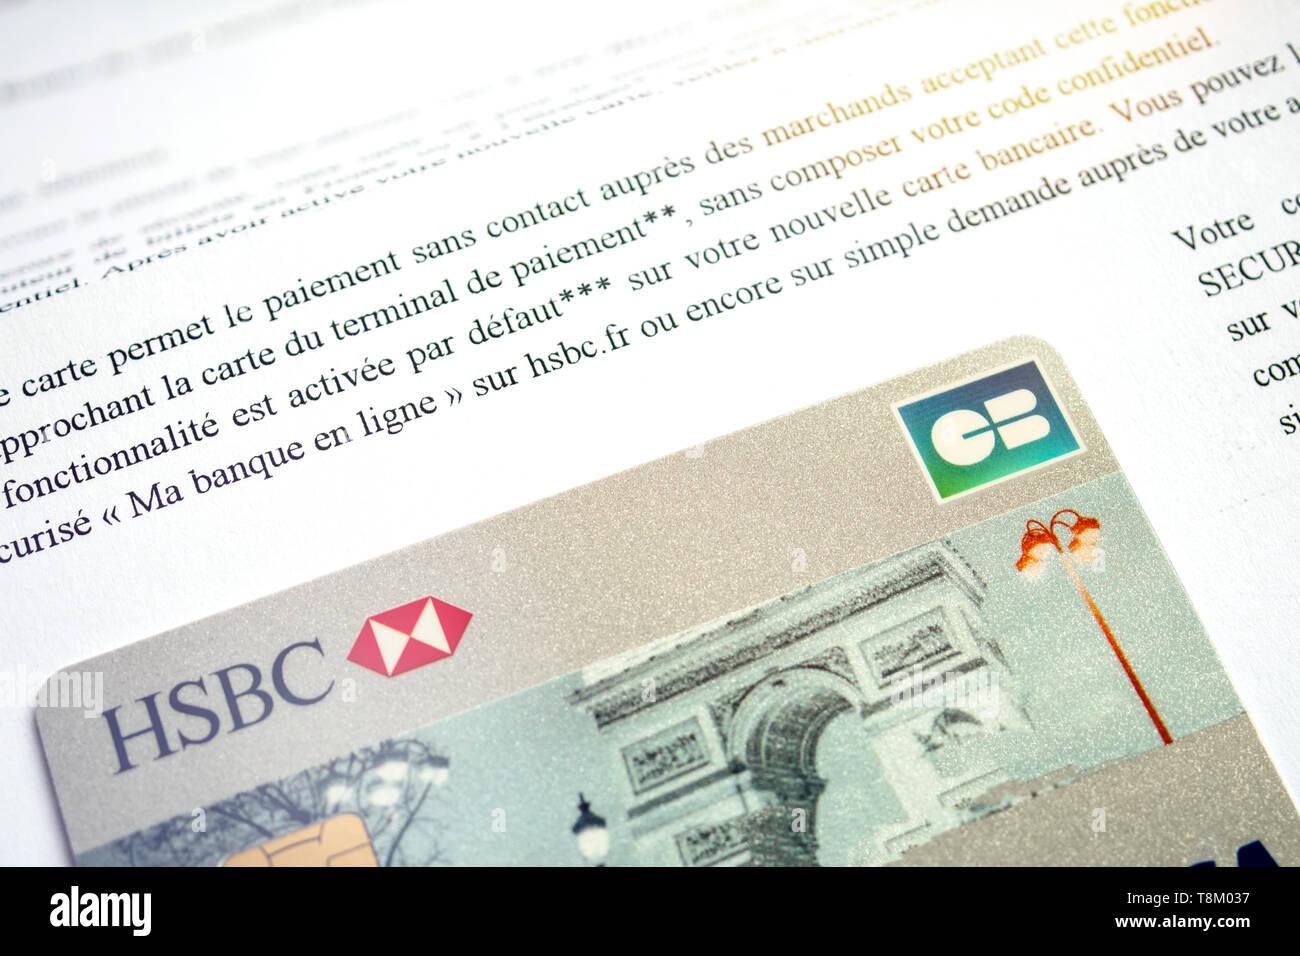 Hsbc Credit Card Stock Photos & Hsbc Credit Card Stock Images - Alamy